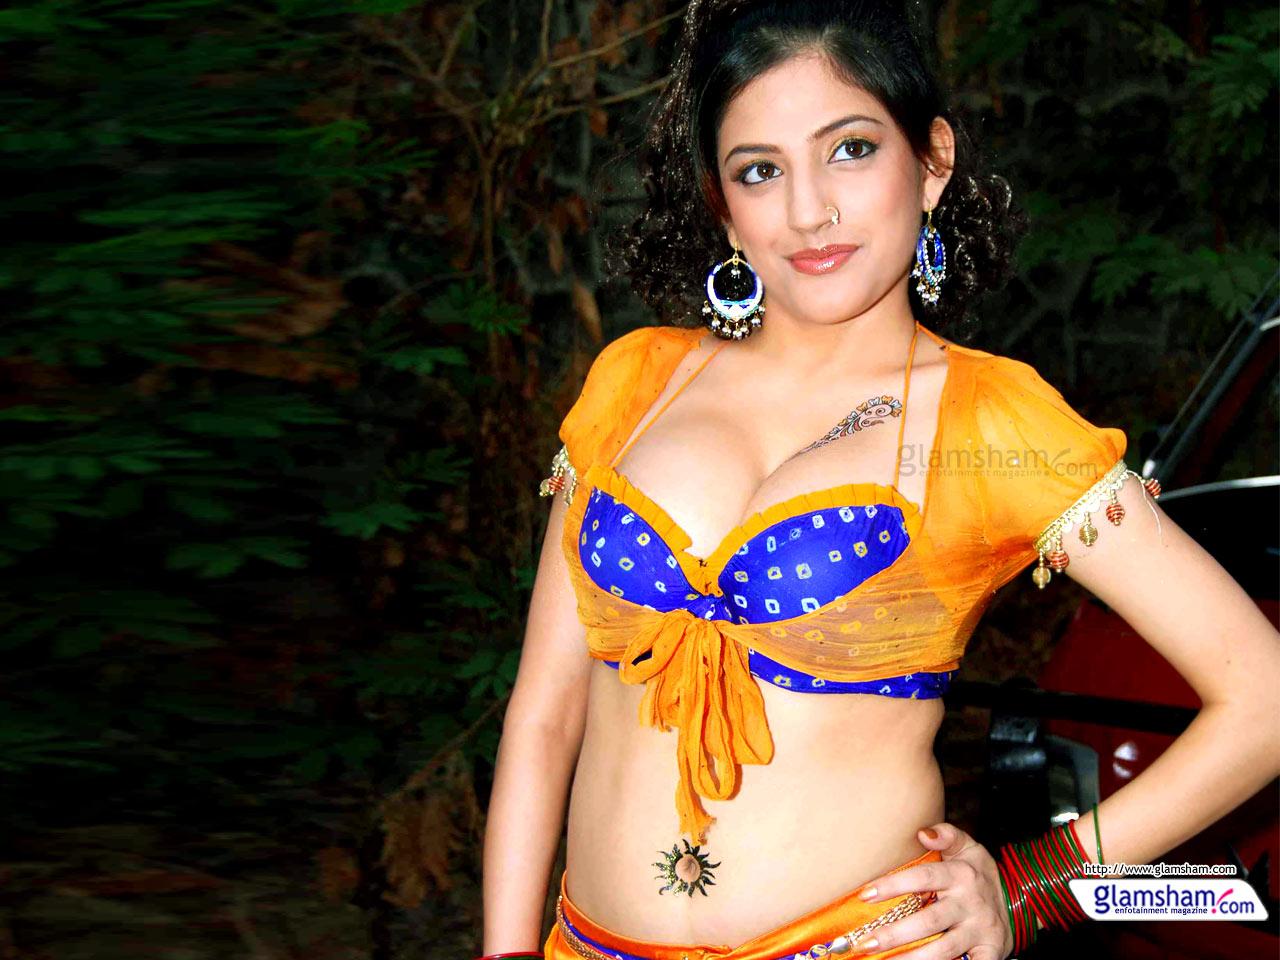 Hot India - Models Hot Images Indian - HD Wallpaper